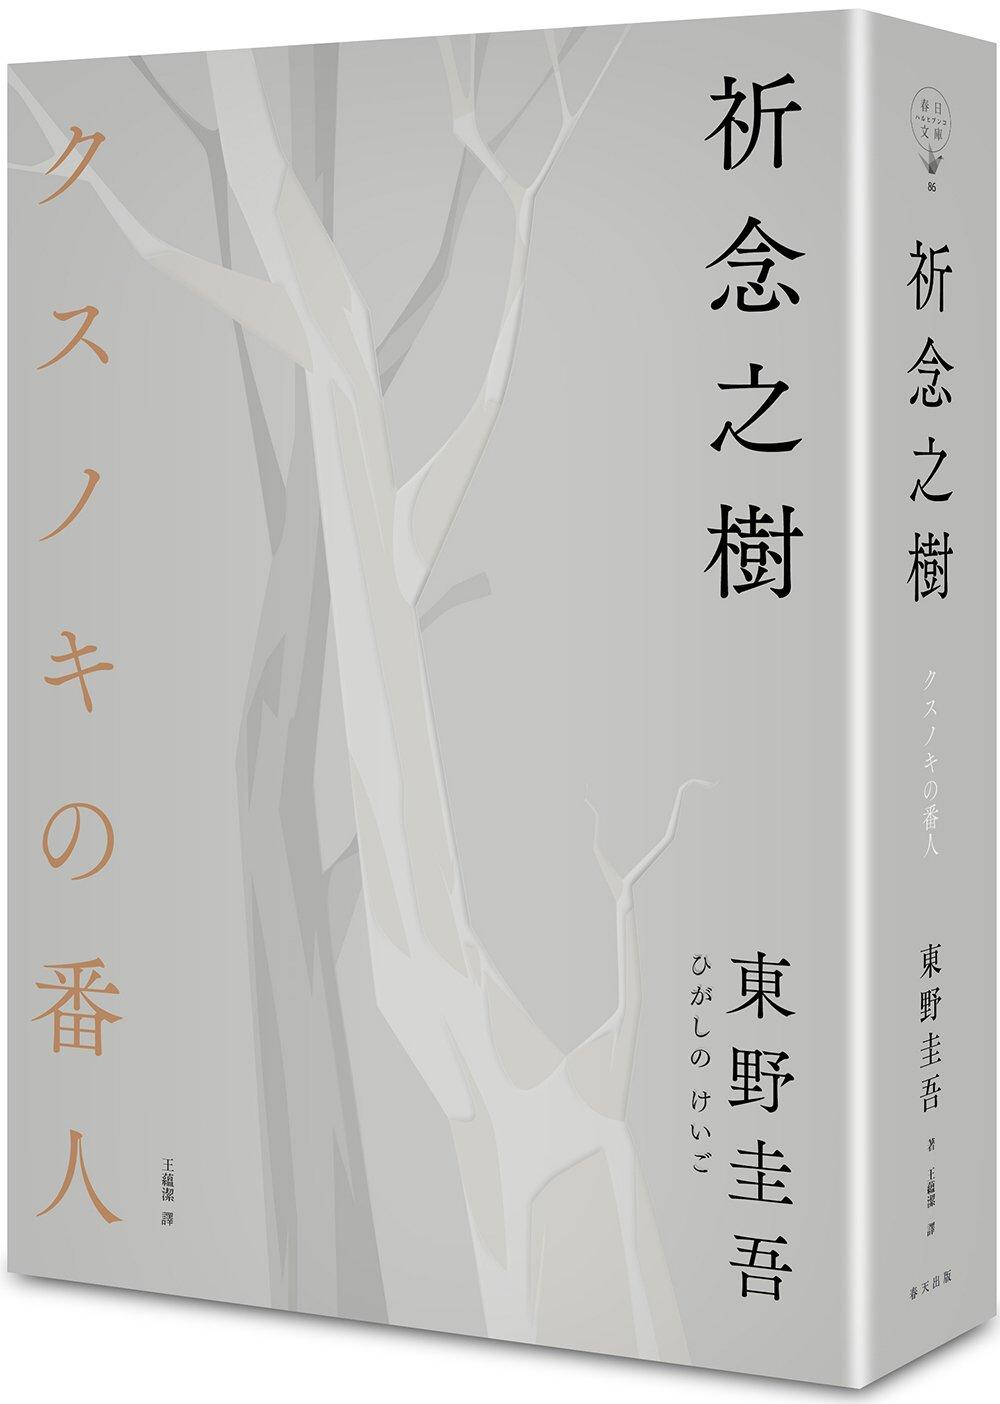 祈念之樹(東野圭吾印刷簽名+專屬燙箔流水編號限量精裝版)